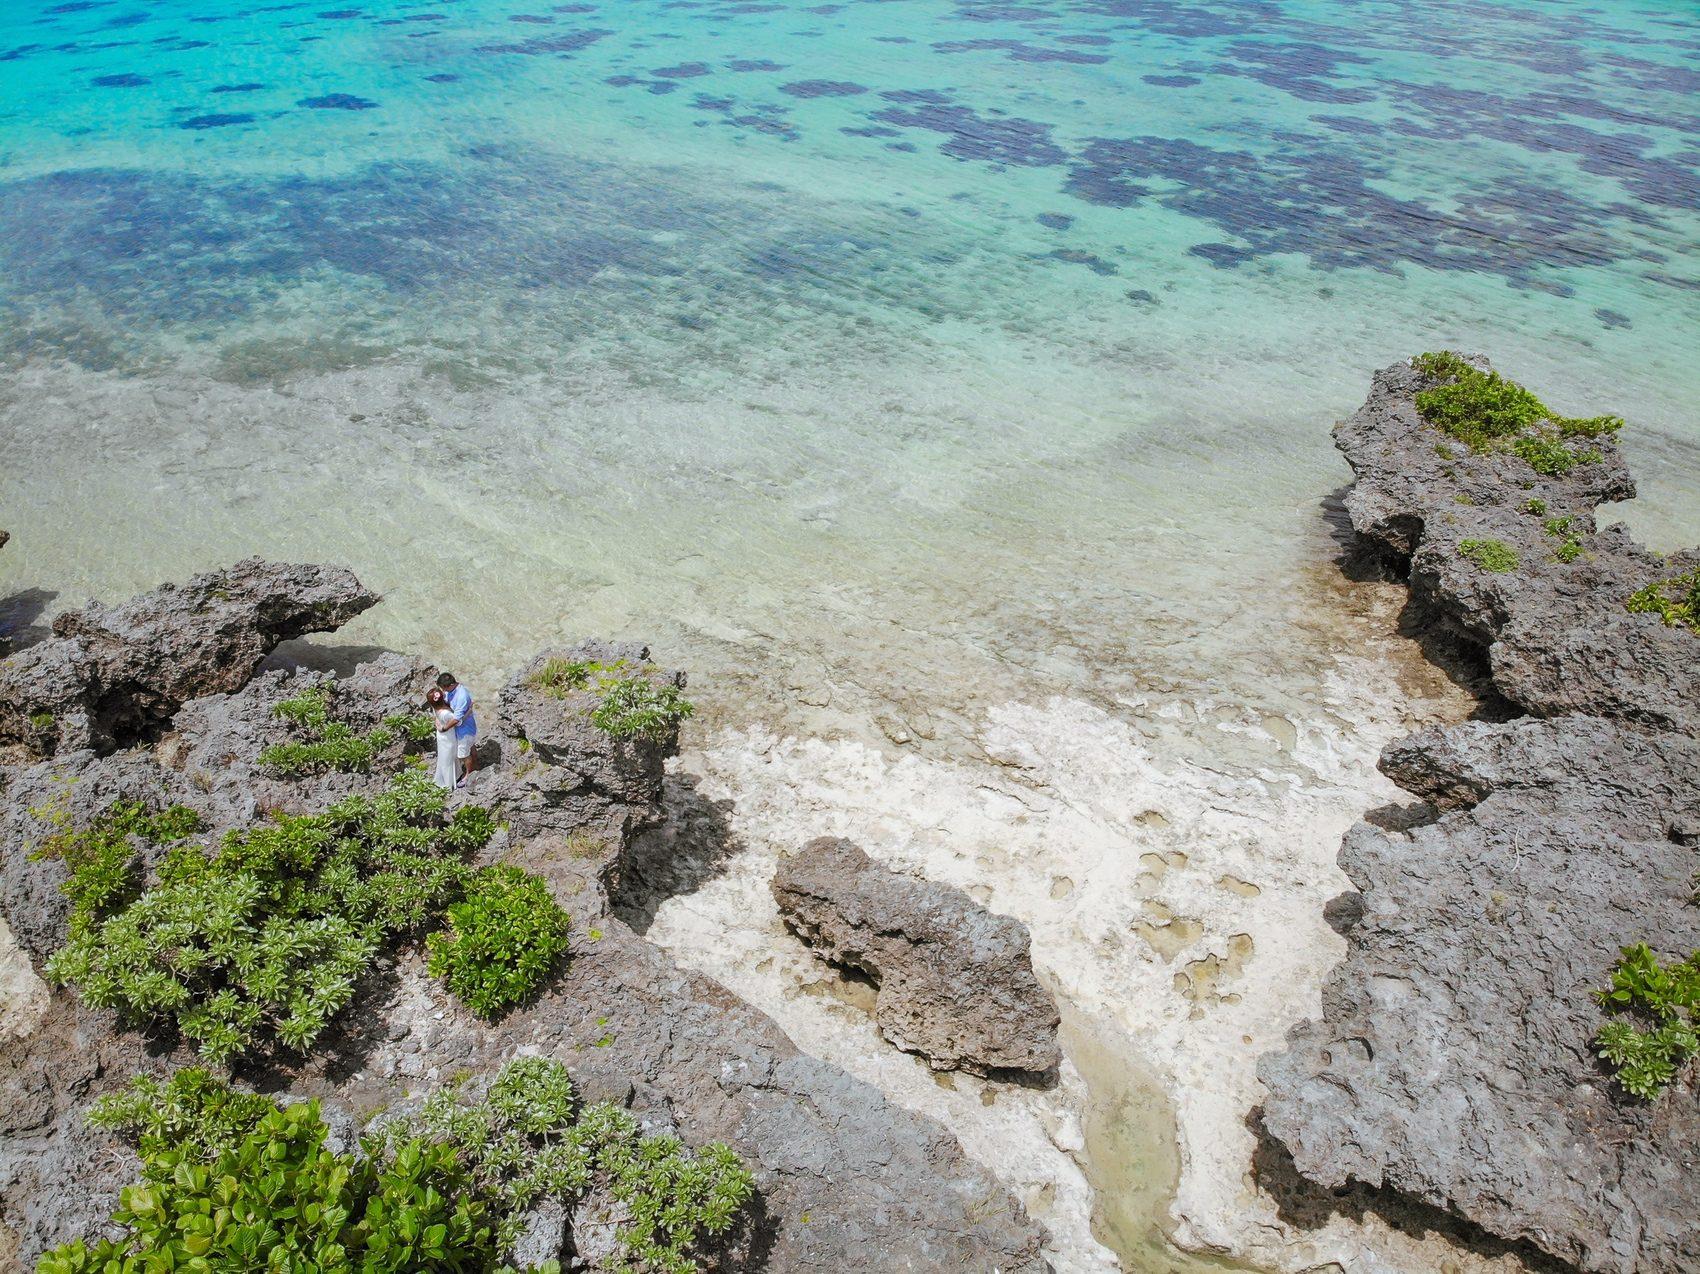 石垣島のビーチでドローン撮影